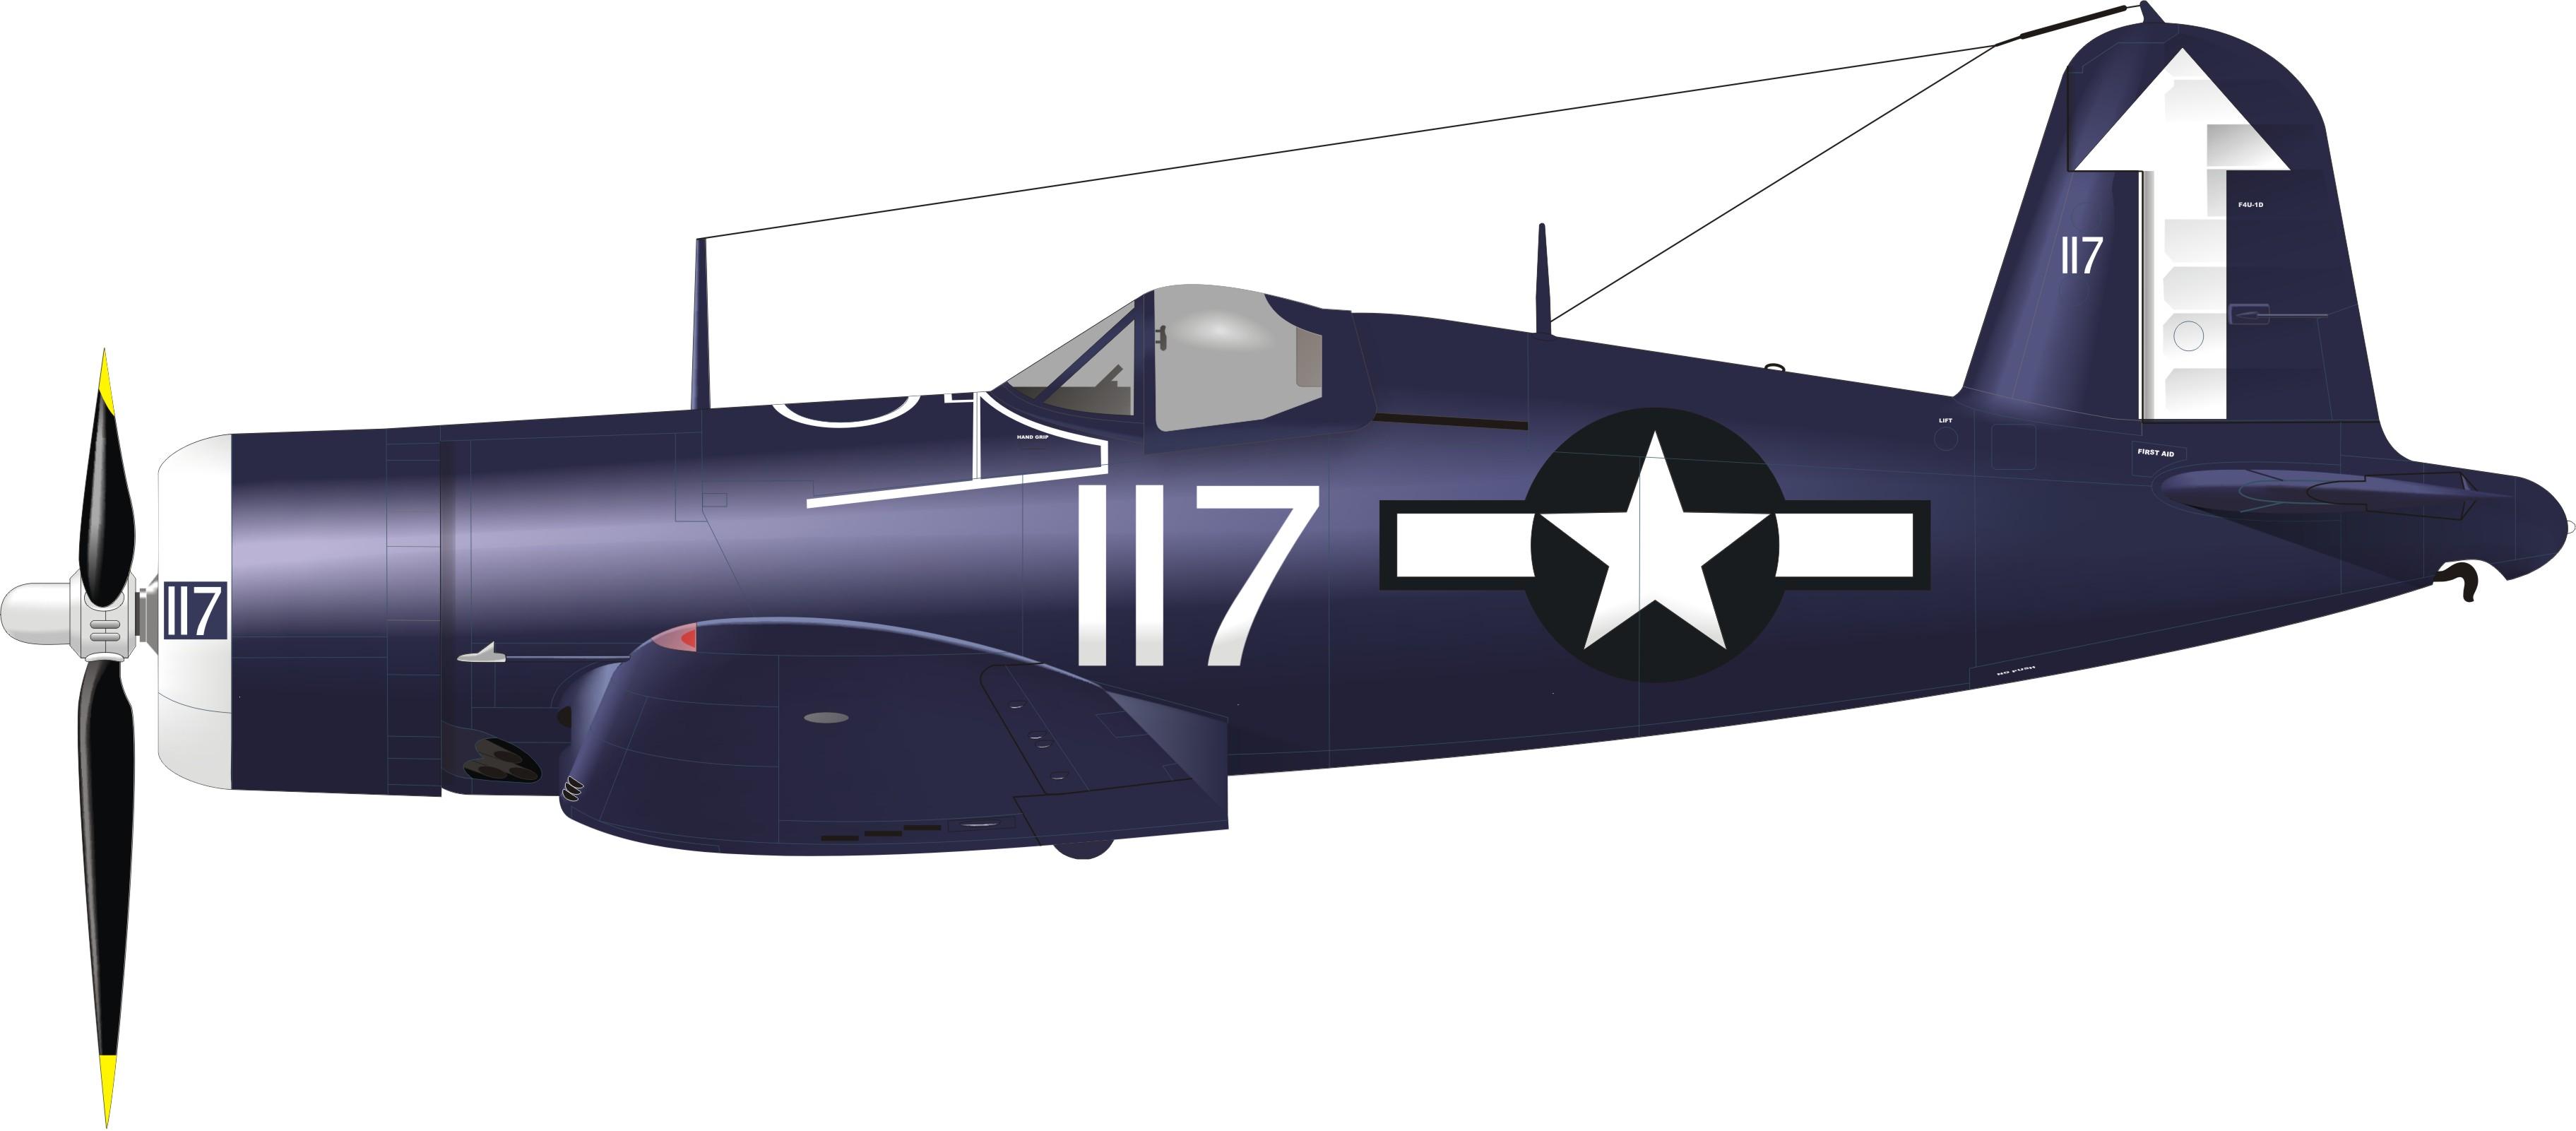 Vought F4U 1D Corsair VF 84 White